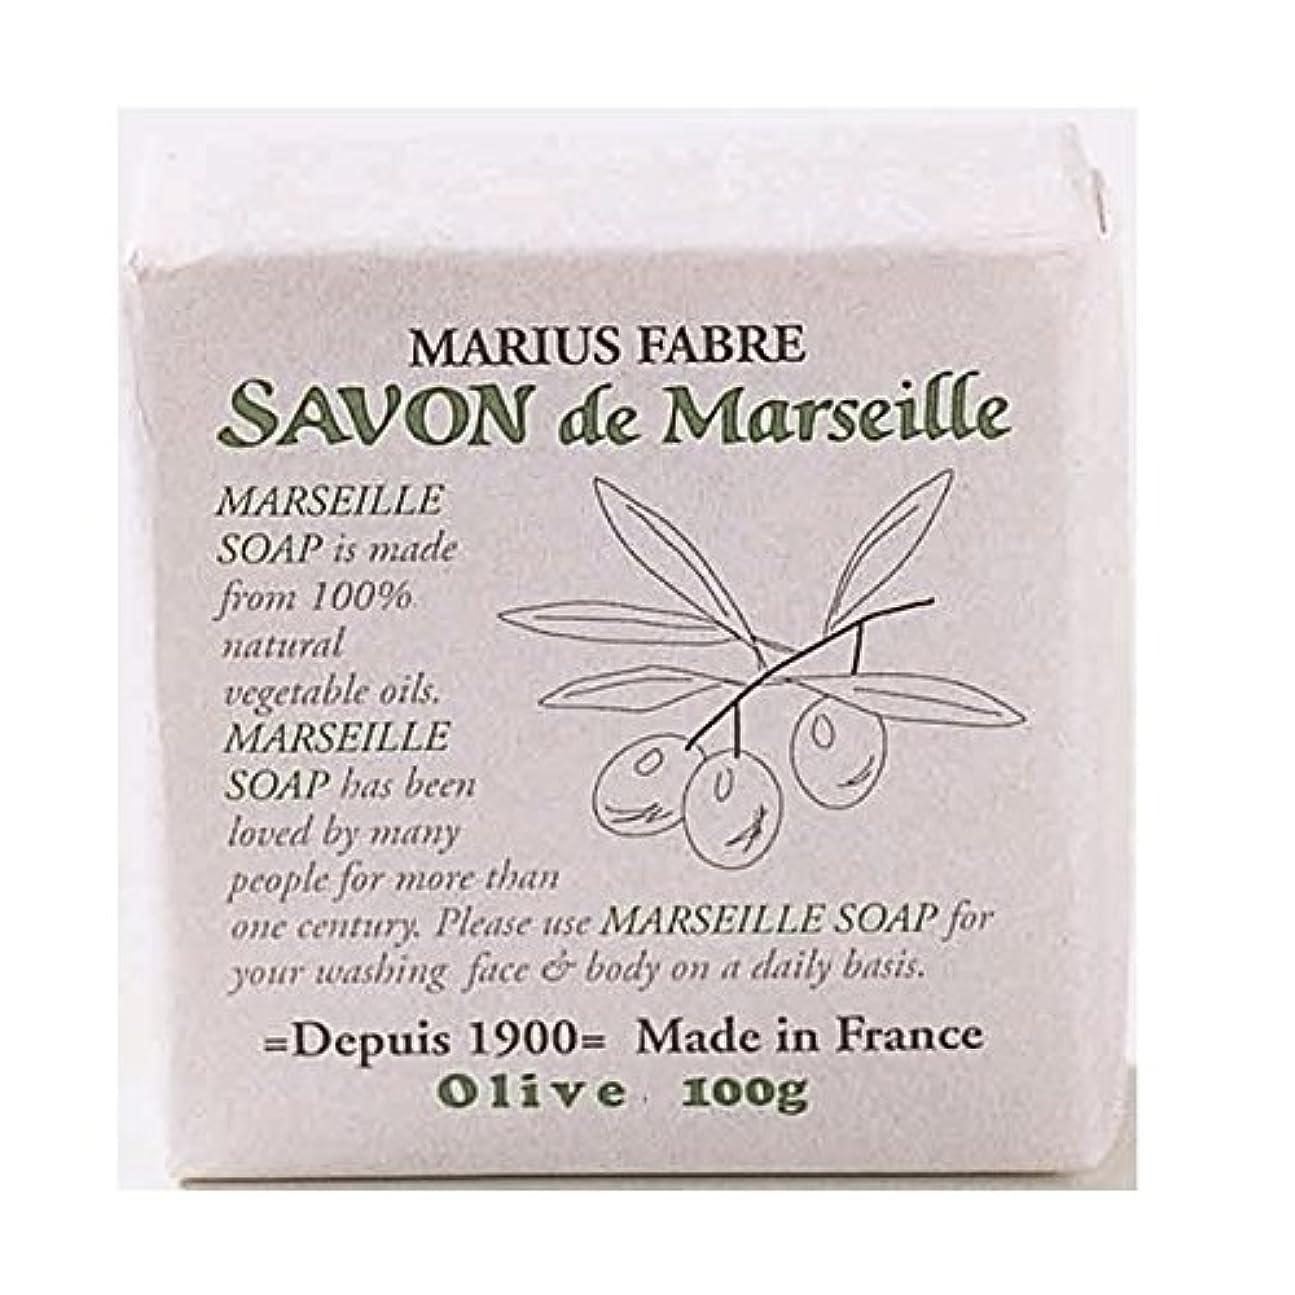 ケーブル運河サバントサボンドマルセイユ 無香料 オリーブ石鹸 100g 6個セット マリウスファーブル